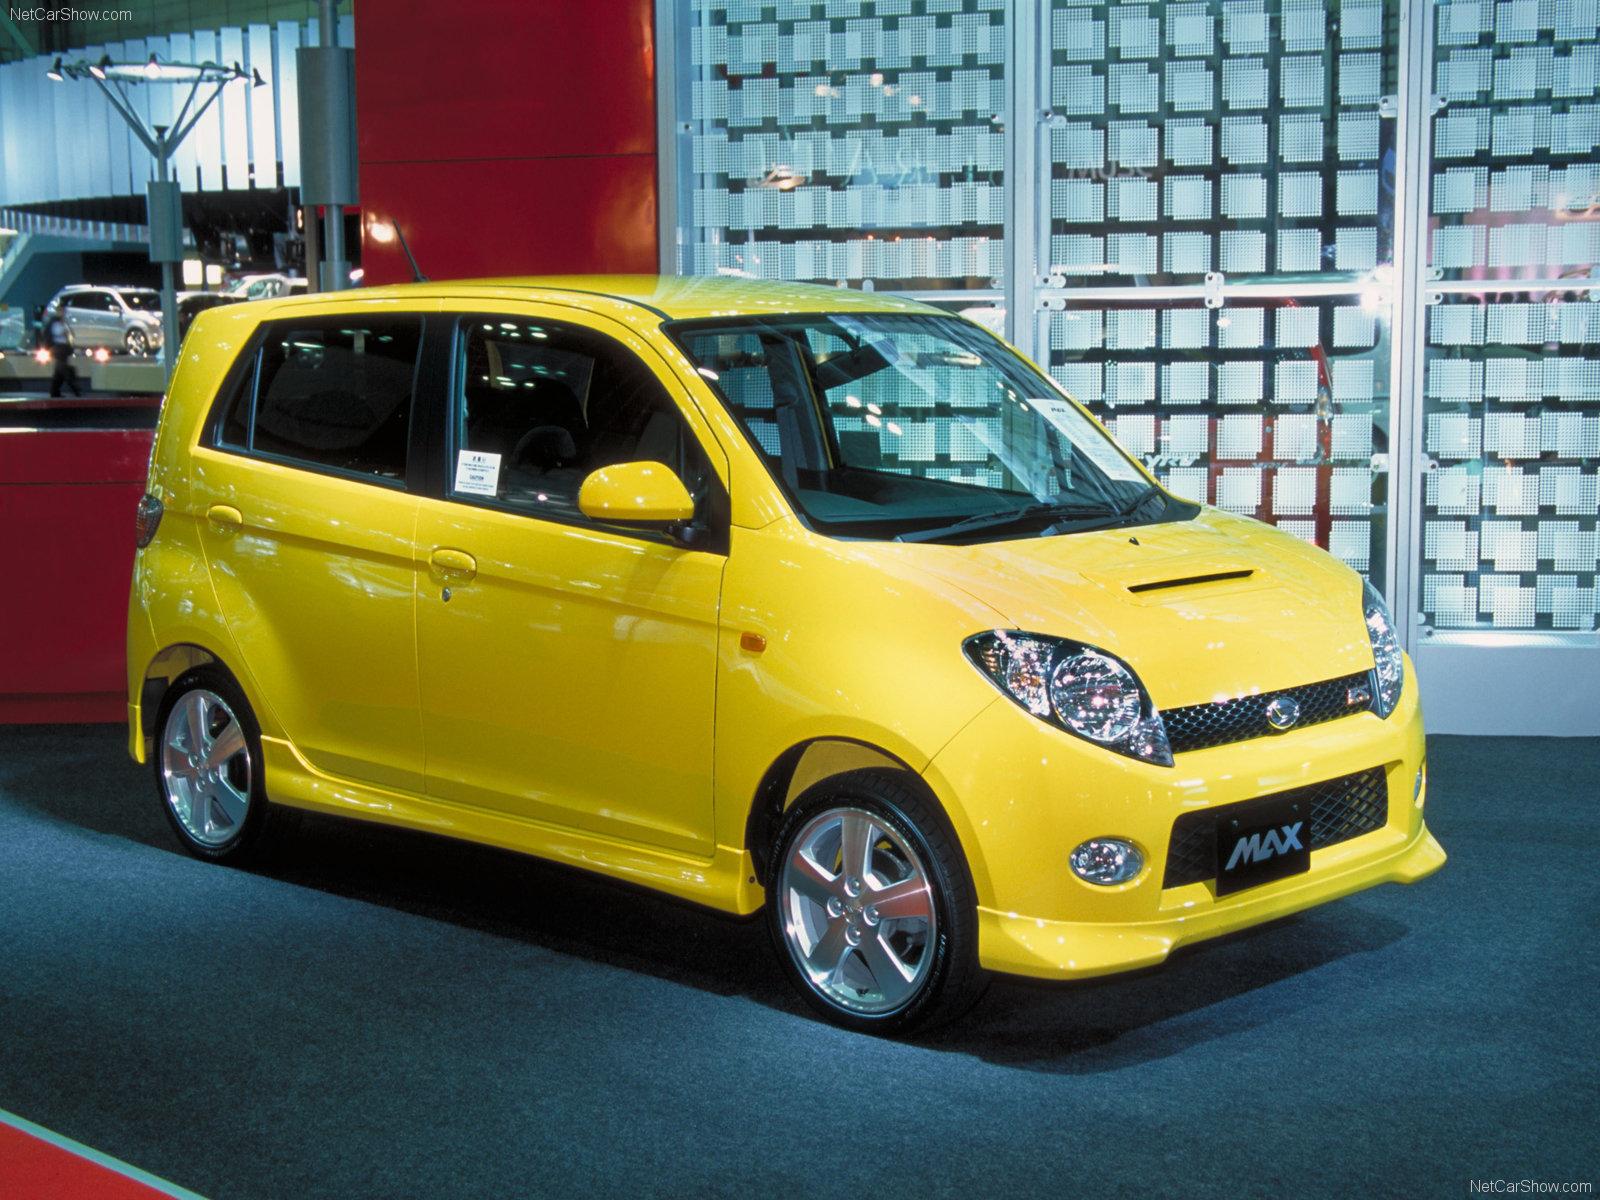 Hình ảnh xe ô tô Daihatsu Max Concept 2003 & nội ngoại thất